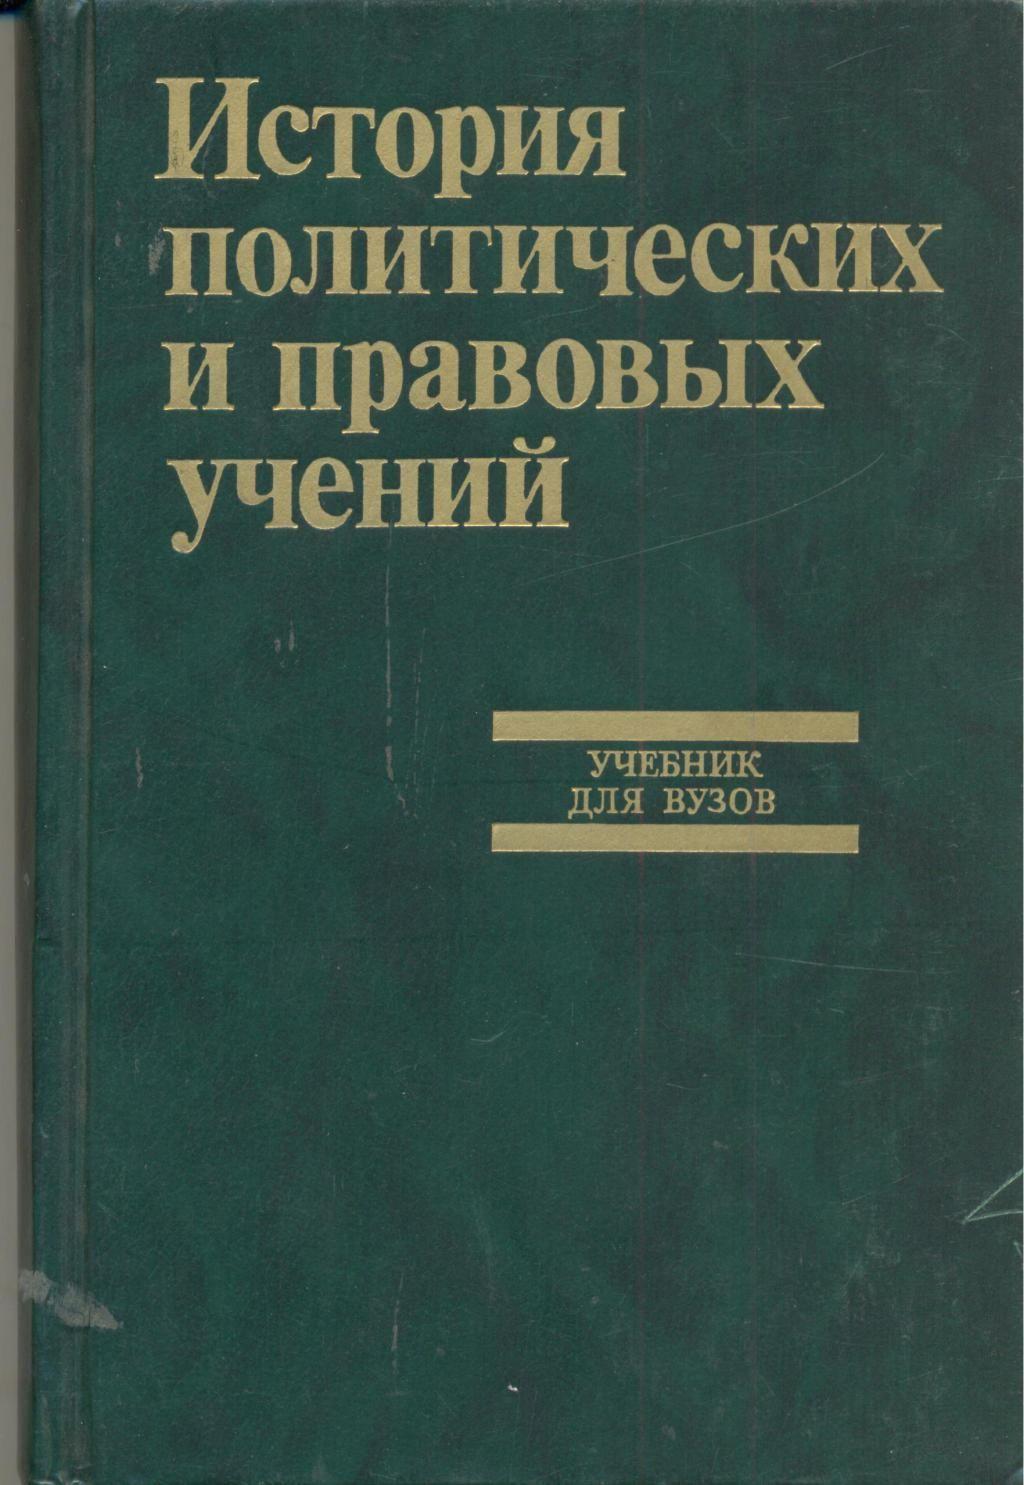 Электронный учебник географии раковская 8 класс | petiza | pinterest.